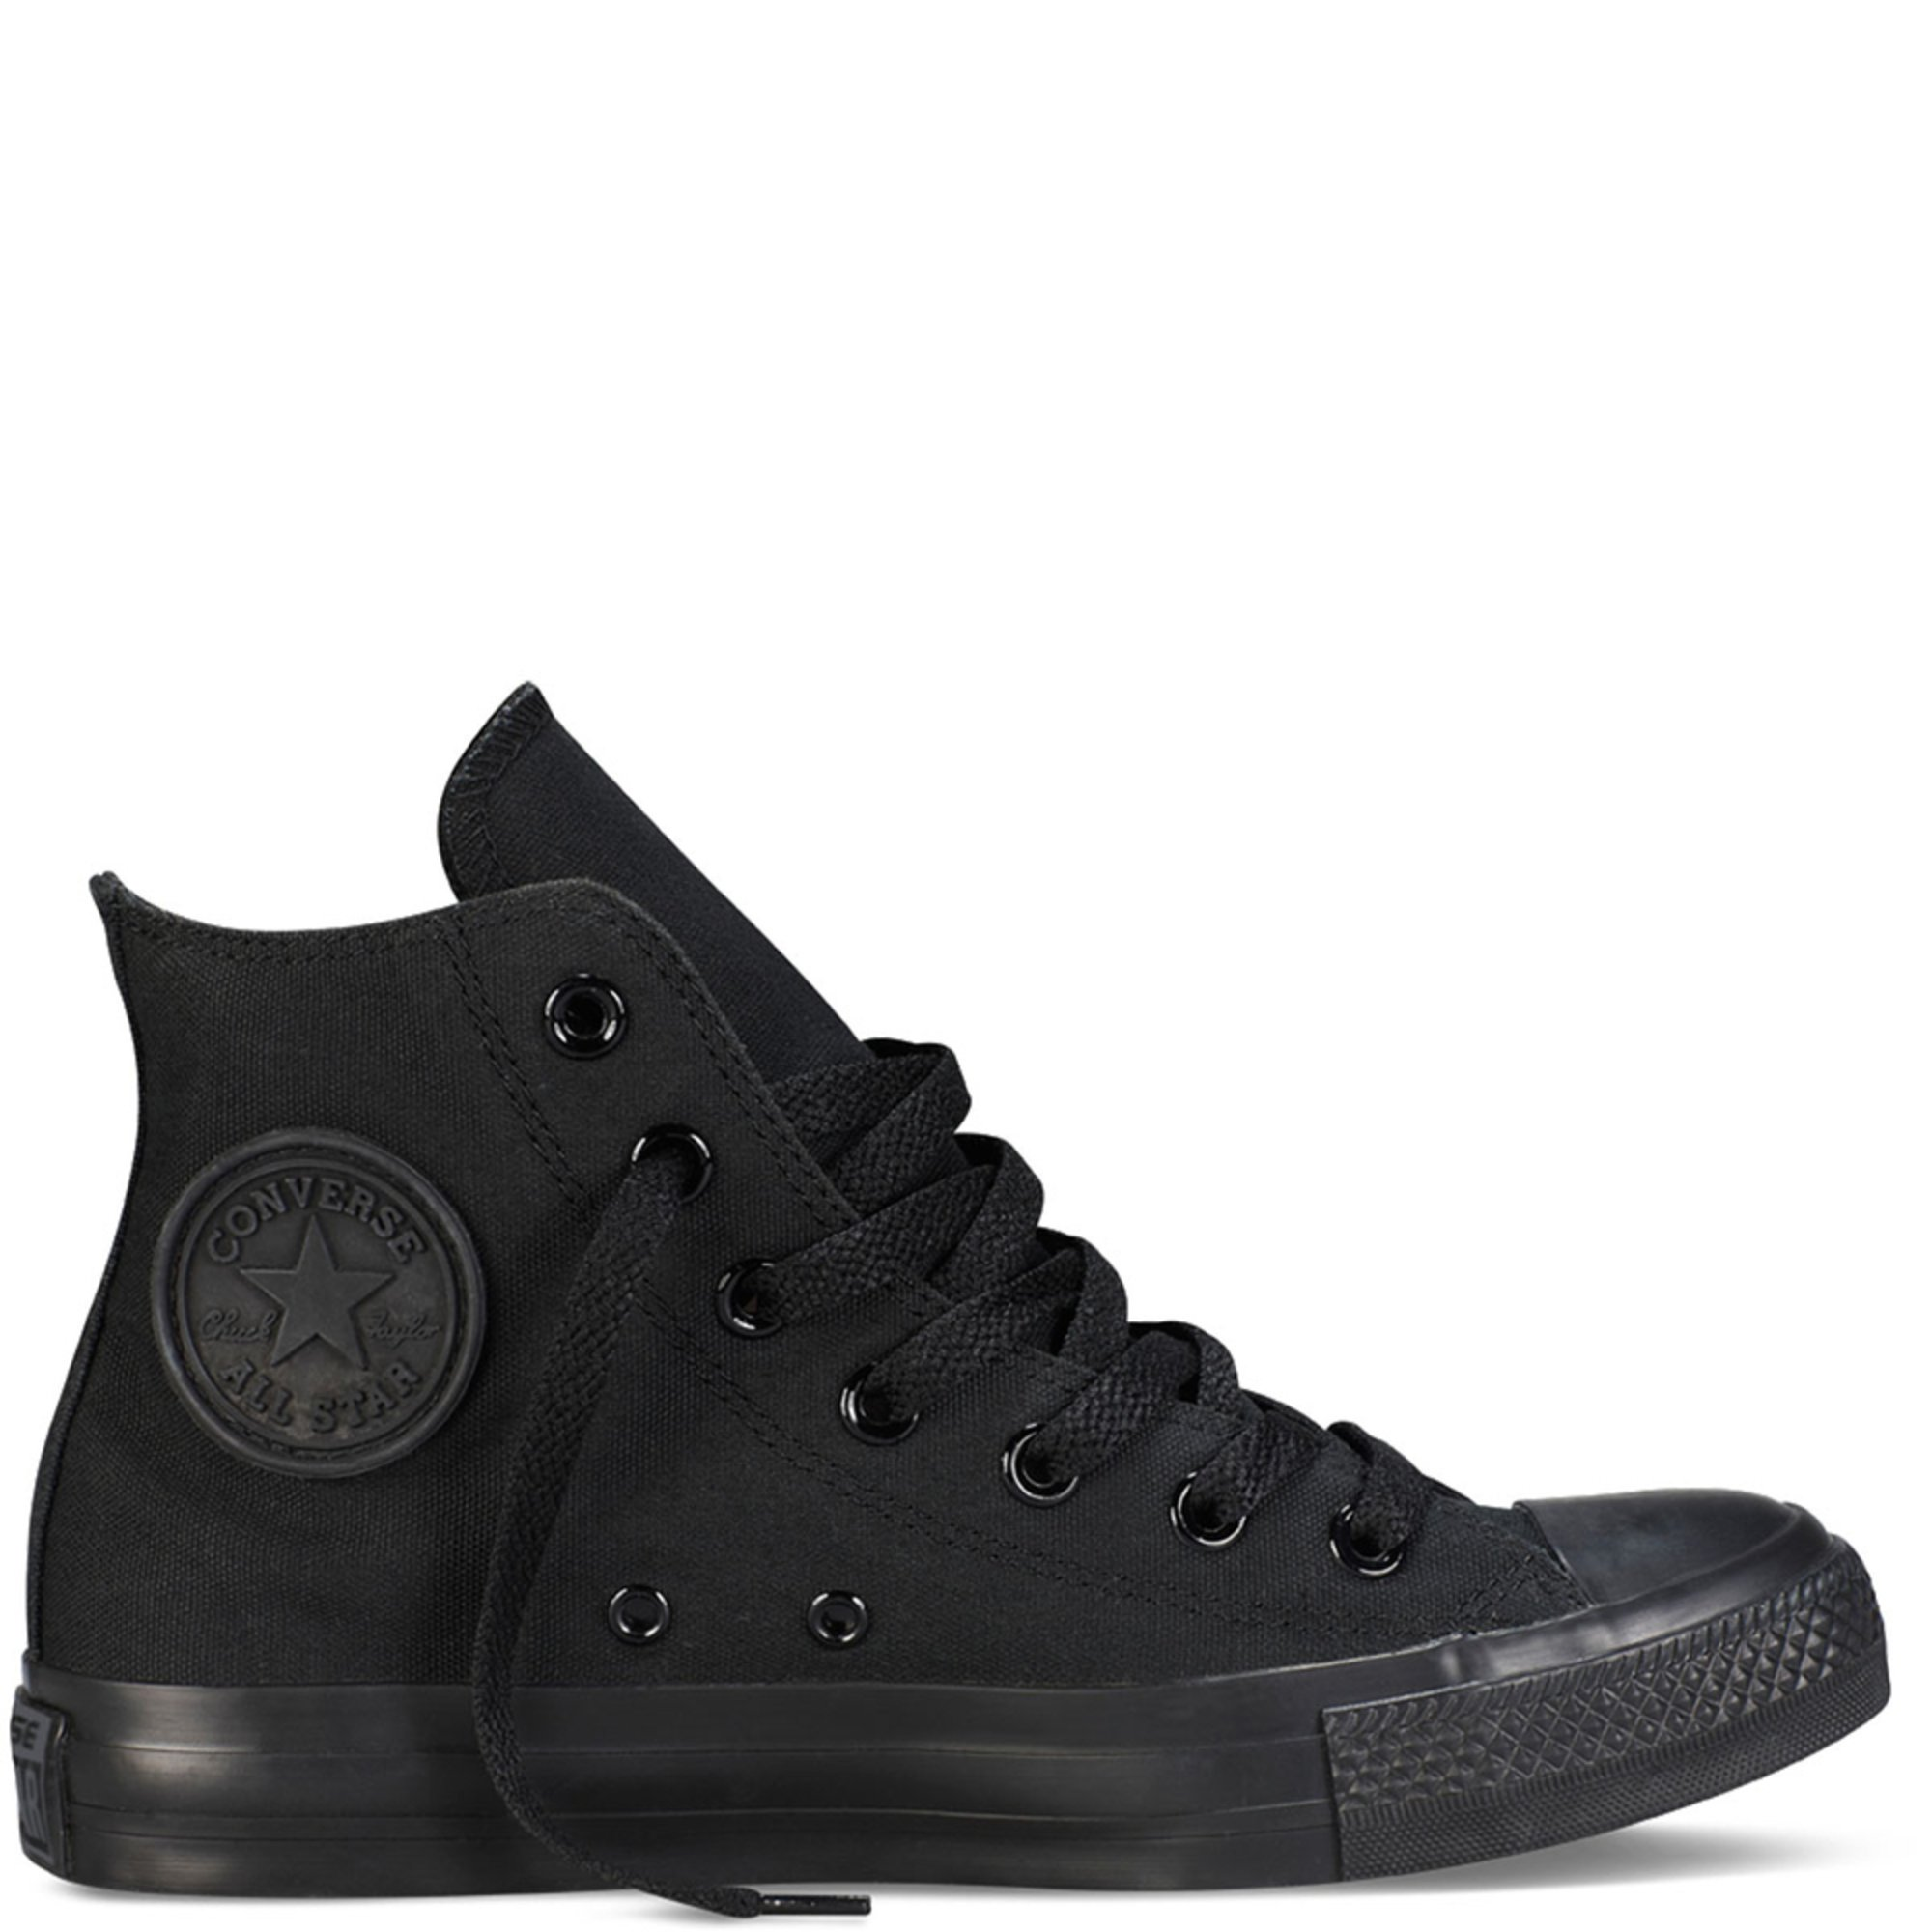 1ef1fd6d1de7 Converse Men s Chuck Taylor All Star Hi Top Basketball Shoe